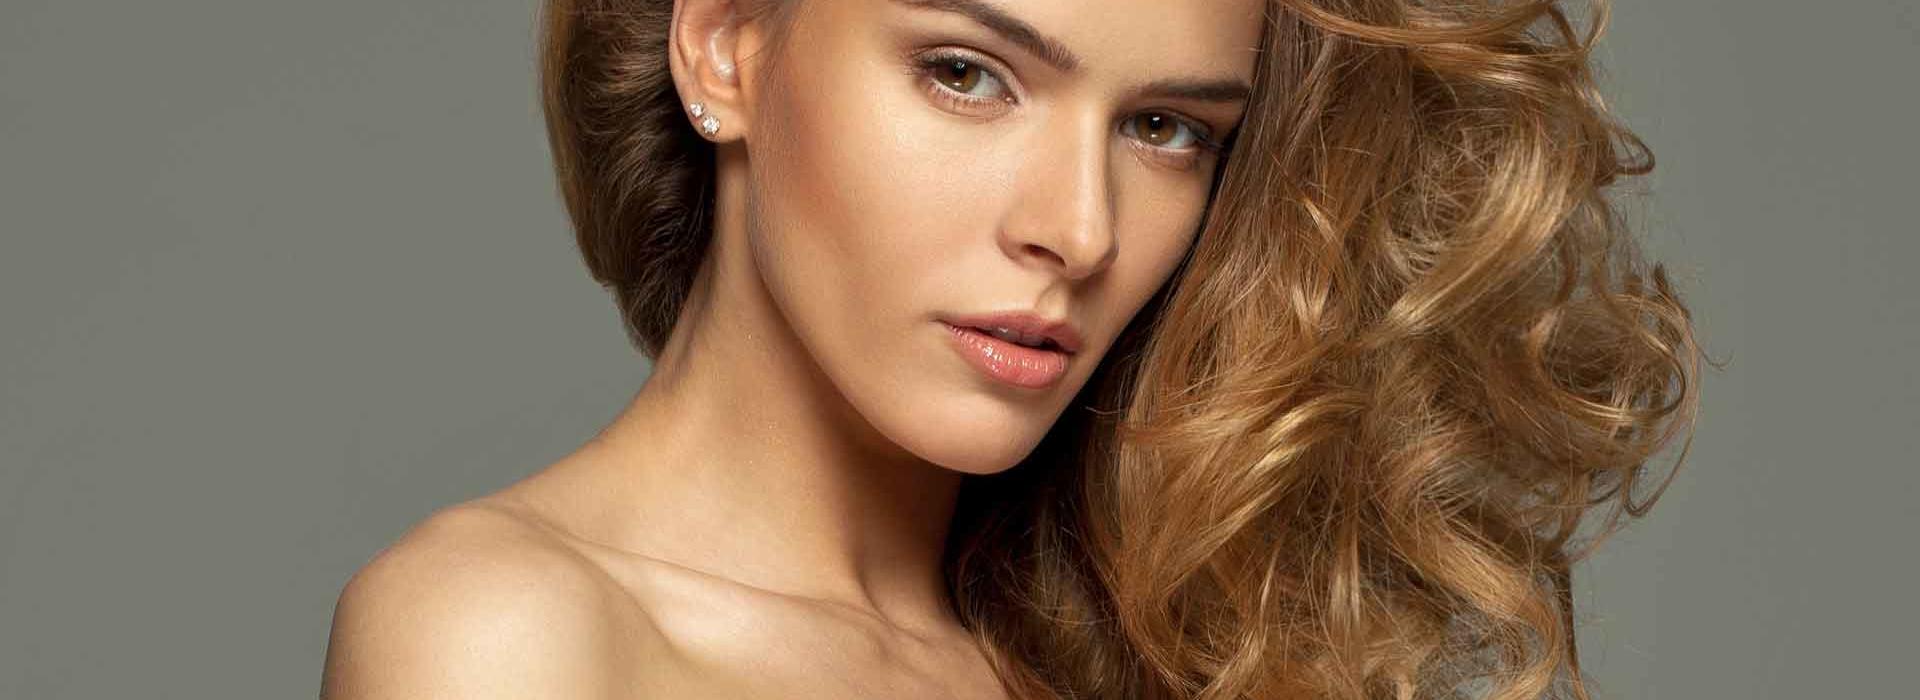 Schönheitschirurgie - Dr. Ryssel